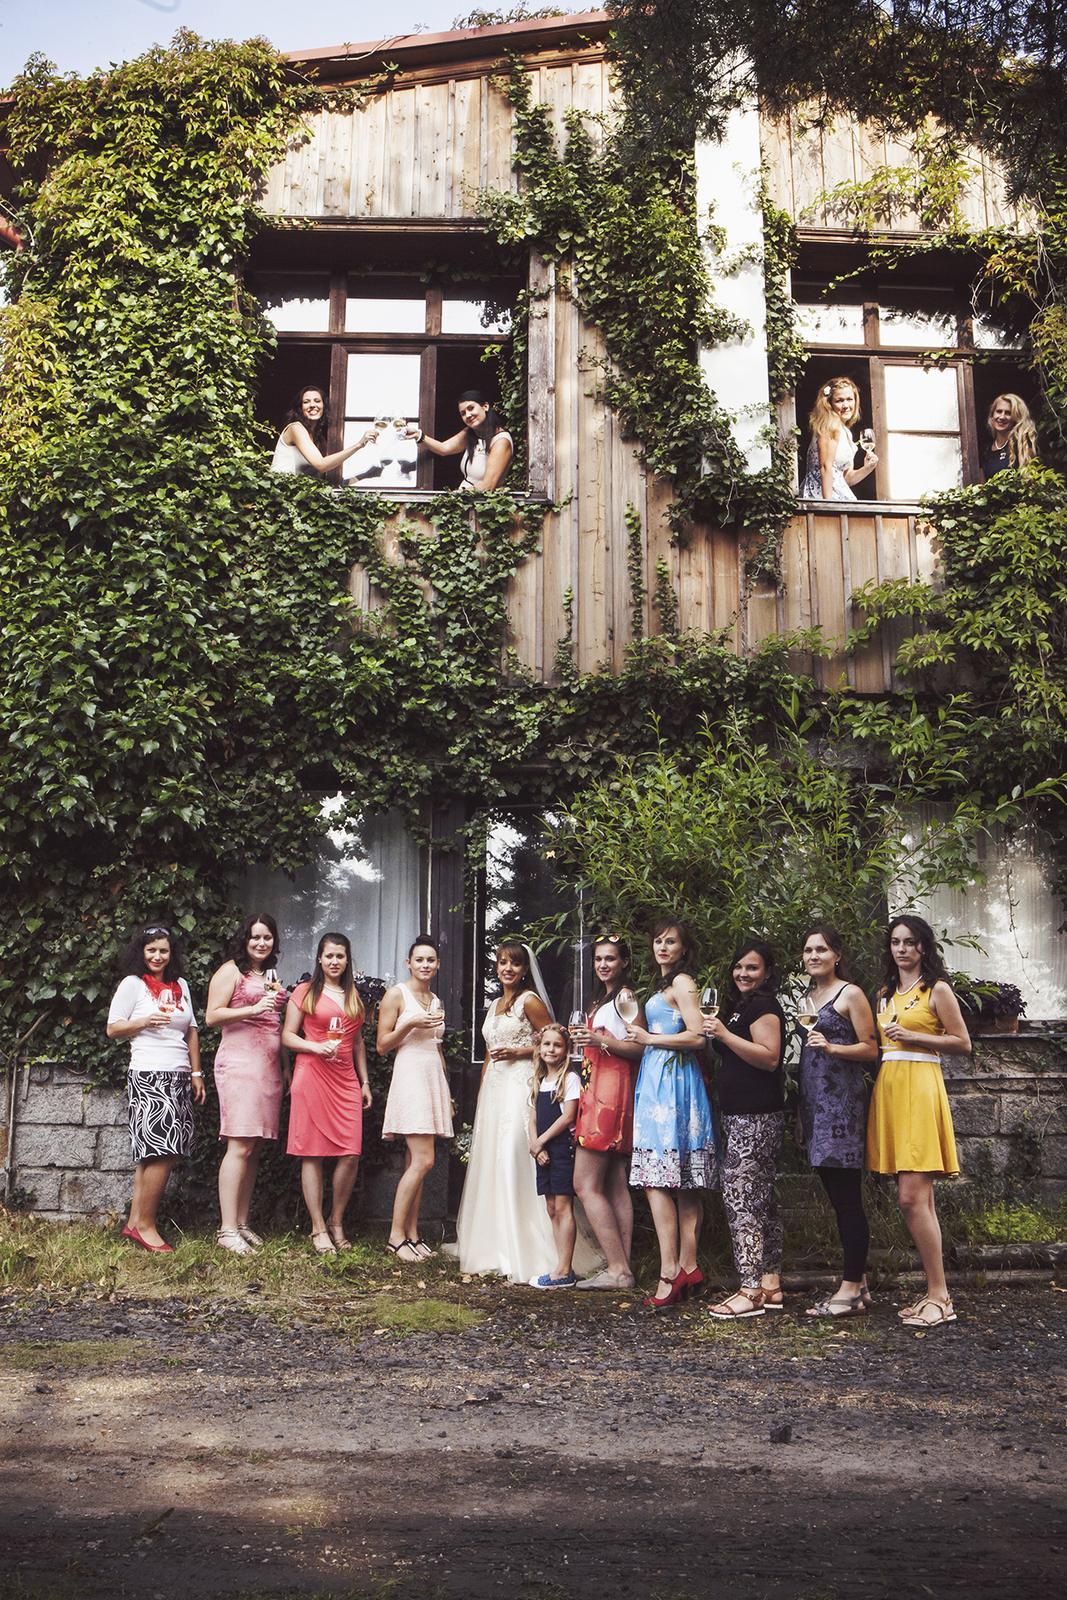 Svatba Krkonose - Obrázek č. 55